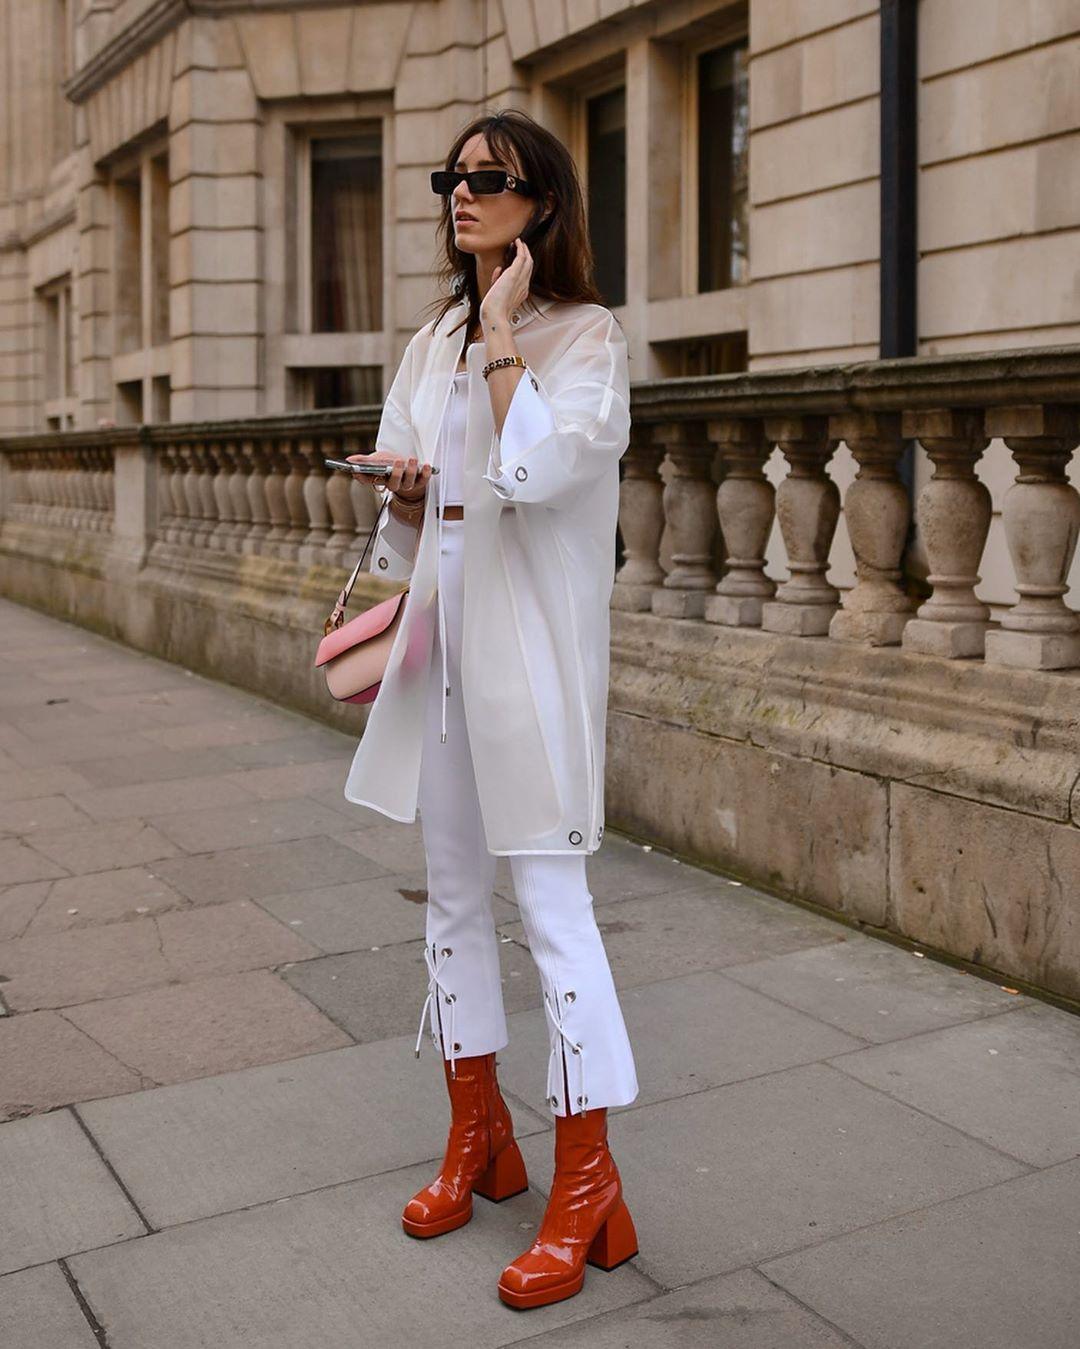 MARINE HENRION ® | Site Officiel | Créatrice française à la mode éthique et minimaliste @laugh_of_artist